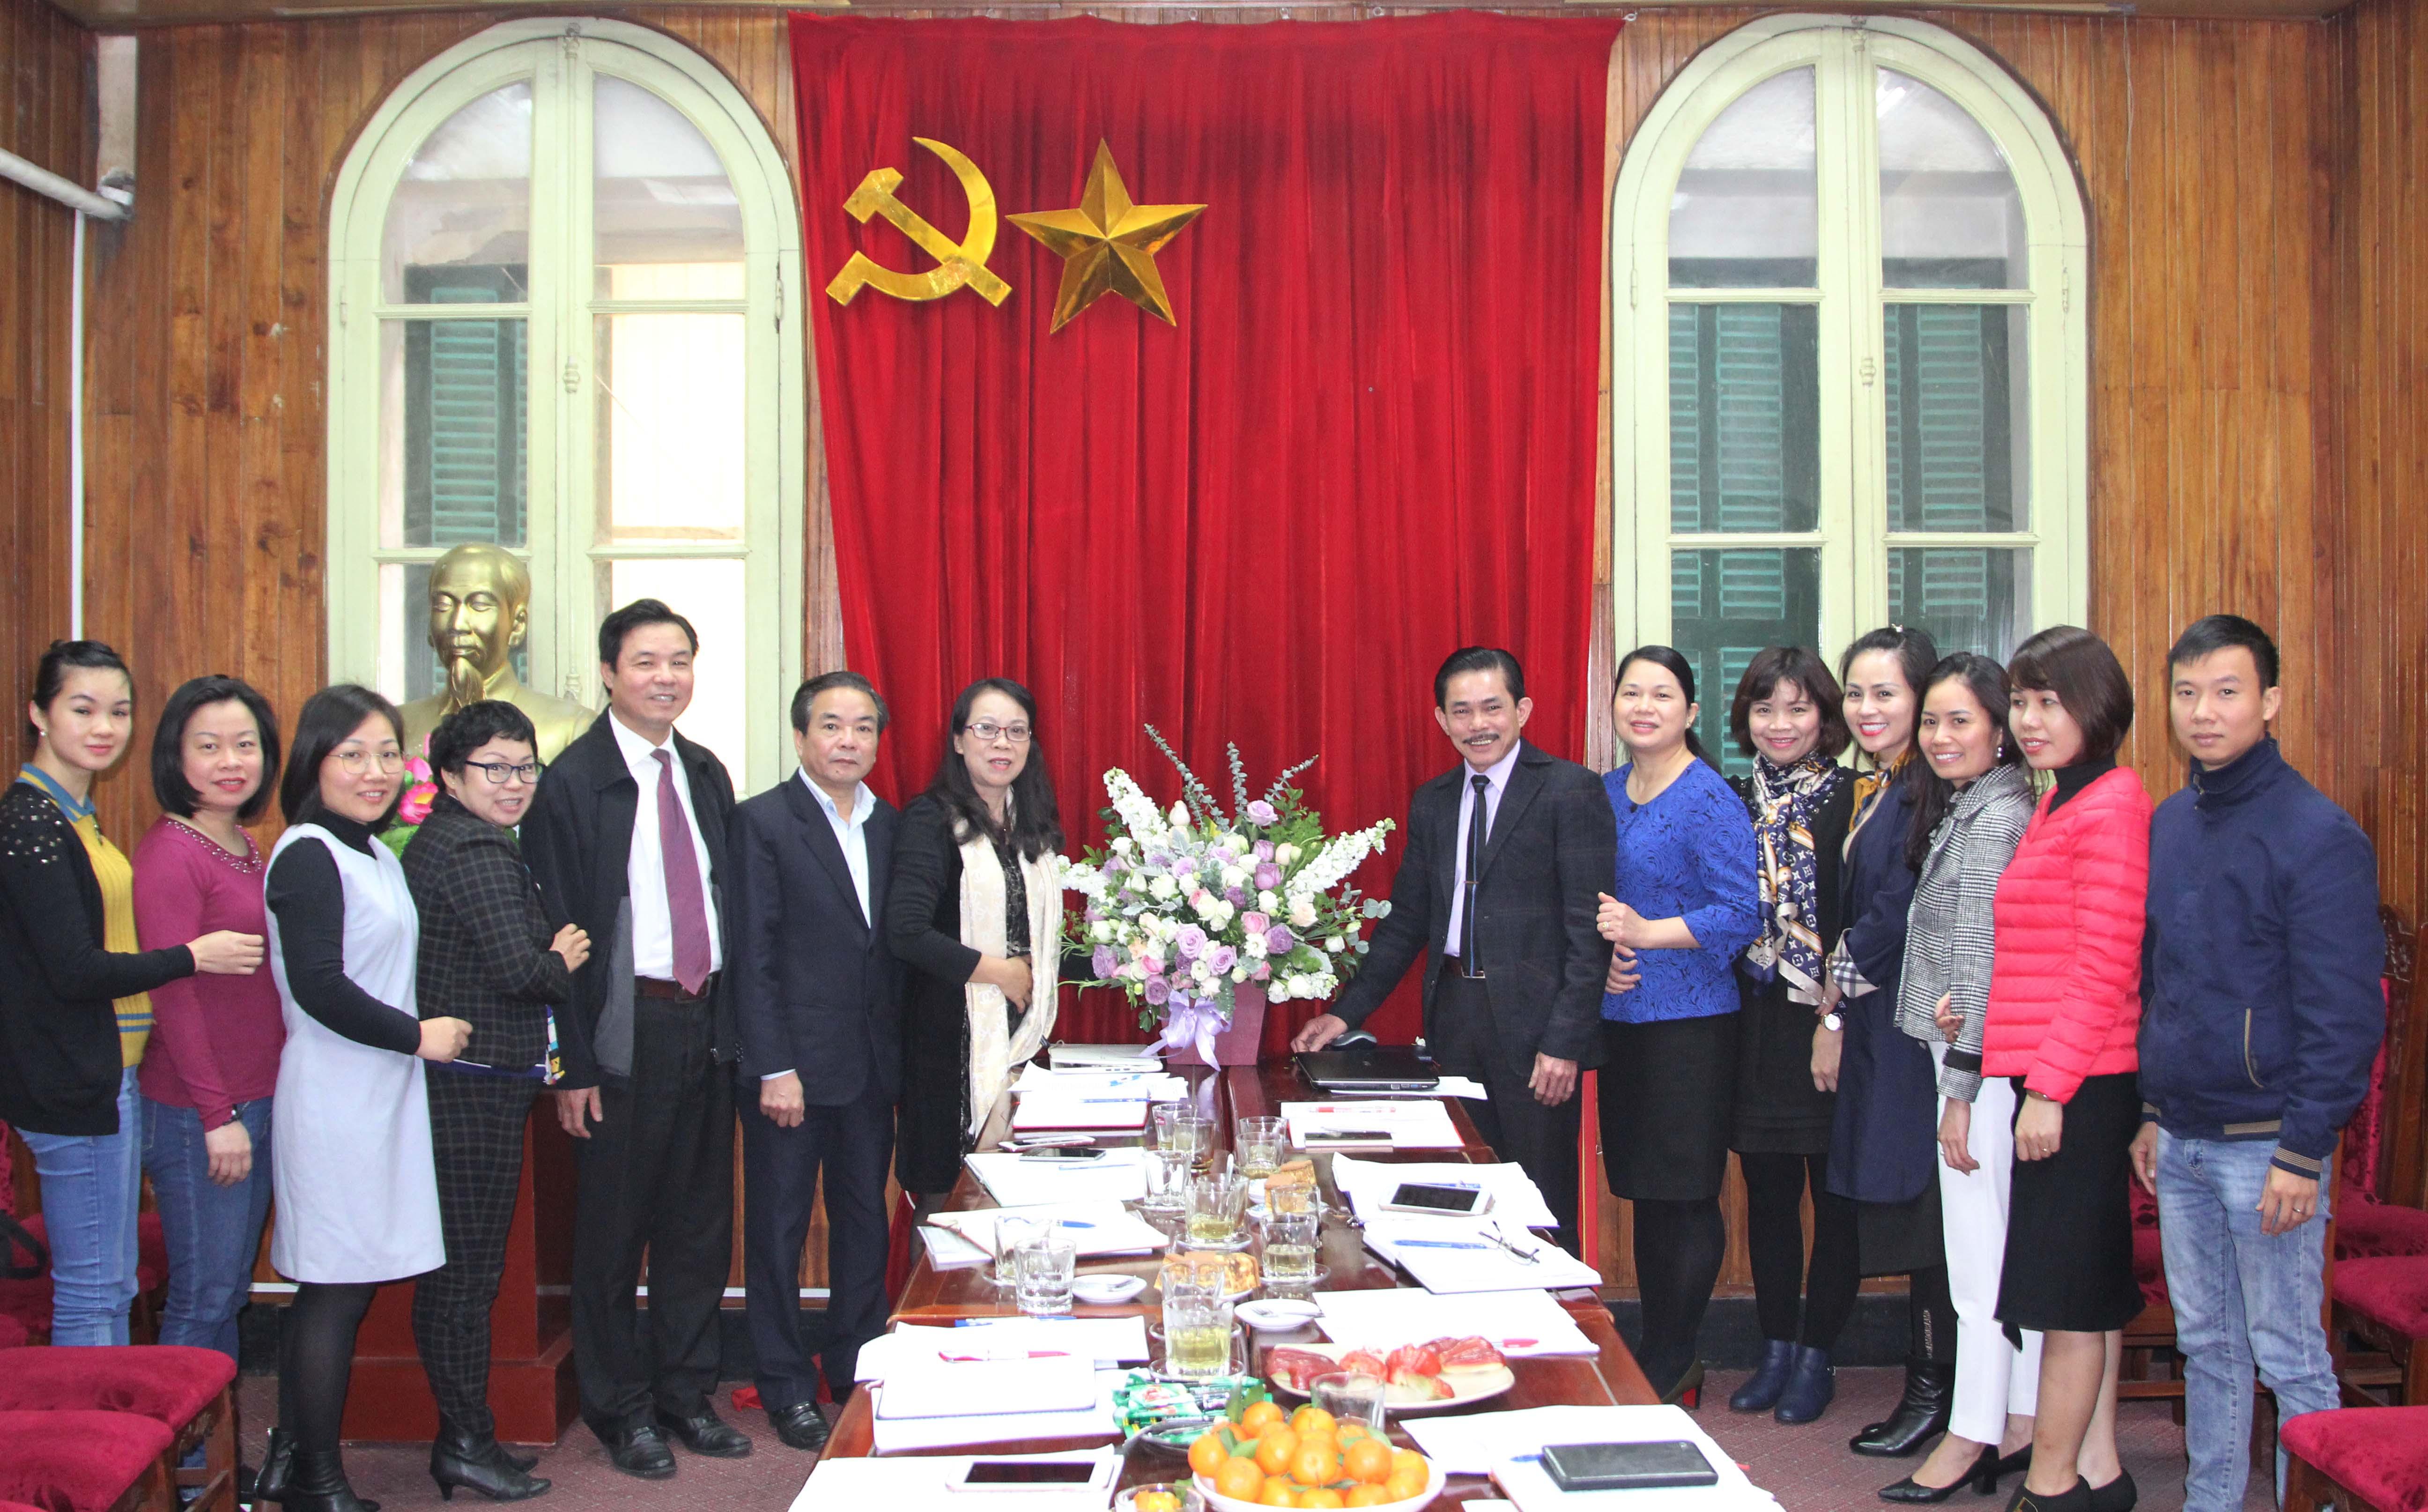 Thứ trưởng, Phó Chủ nhiệm UBDT Hoàng Thị Hạnh chụp ảnh lưu niệm cùng các đại biểu tham dự cuộc họp. Ảnh: Nghĩa Hiệp